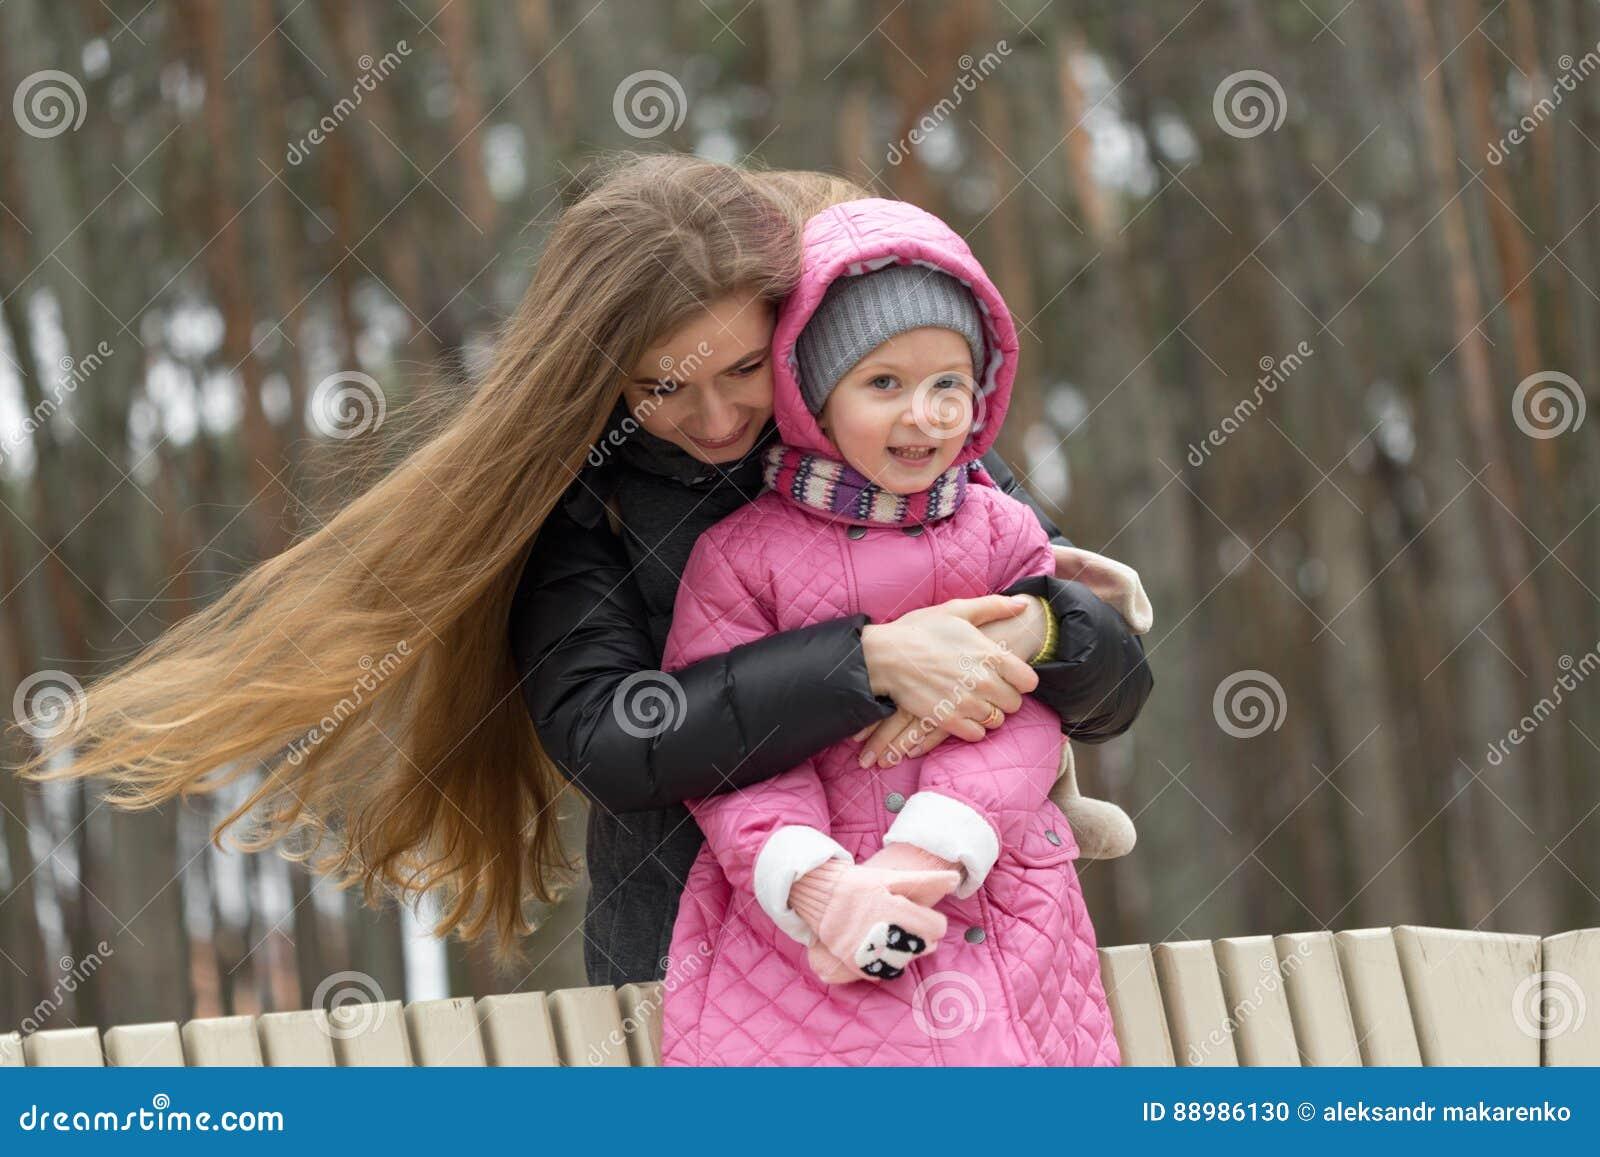 La mamá y la hija se están sentando en un banco de parque